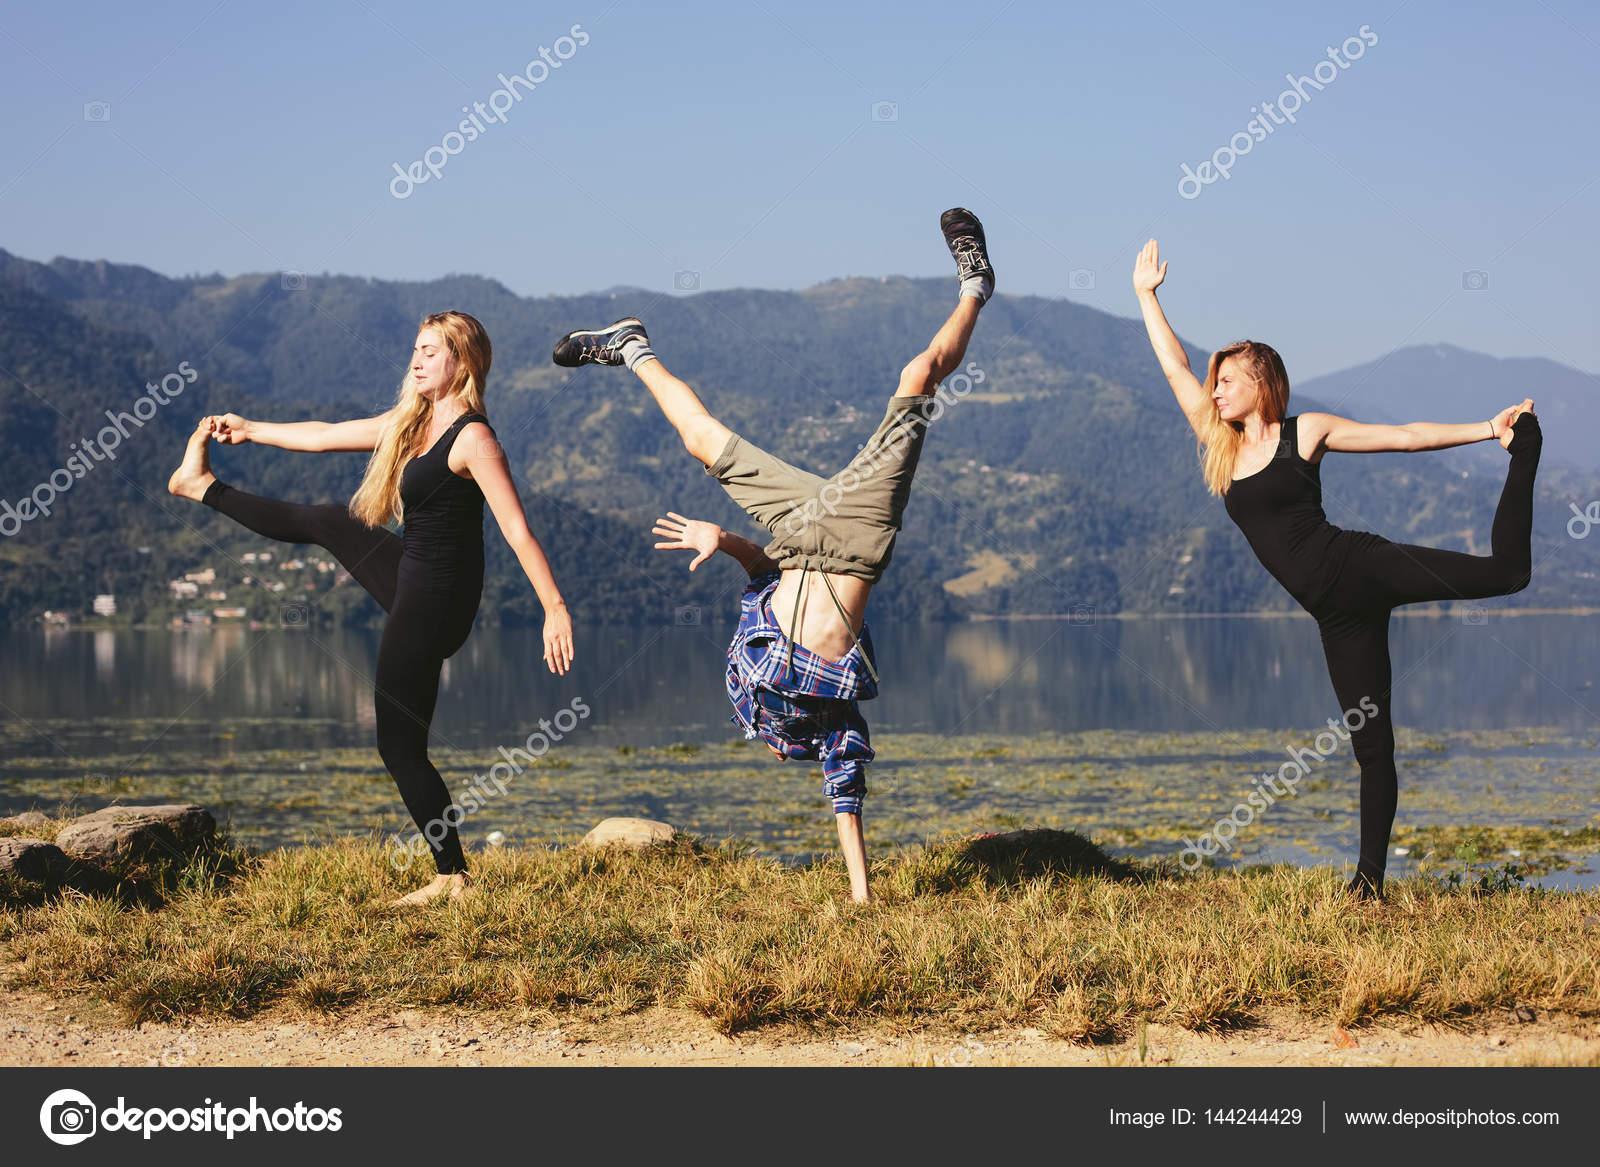 Menschen Glucklich Lustige Yoga Stockfoto C Annatamila 144244429